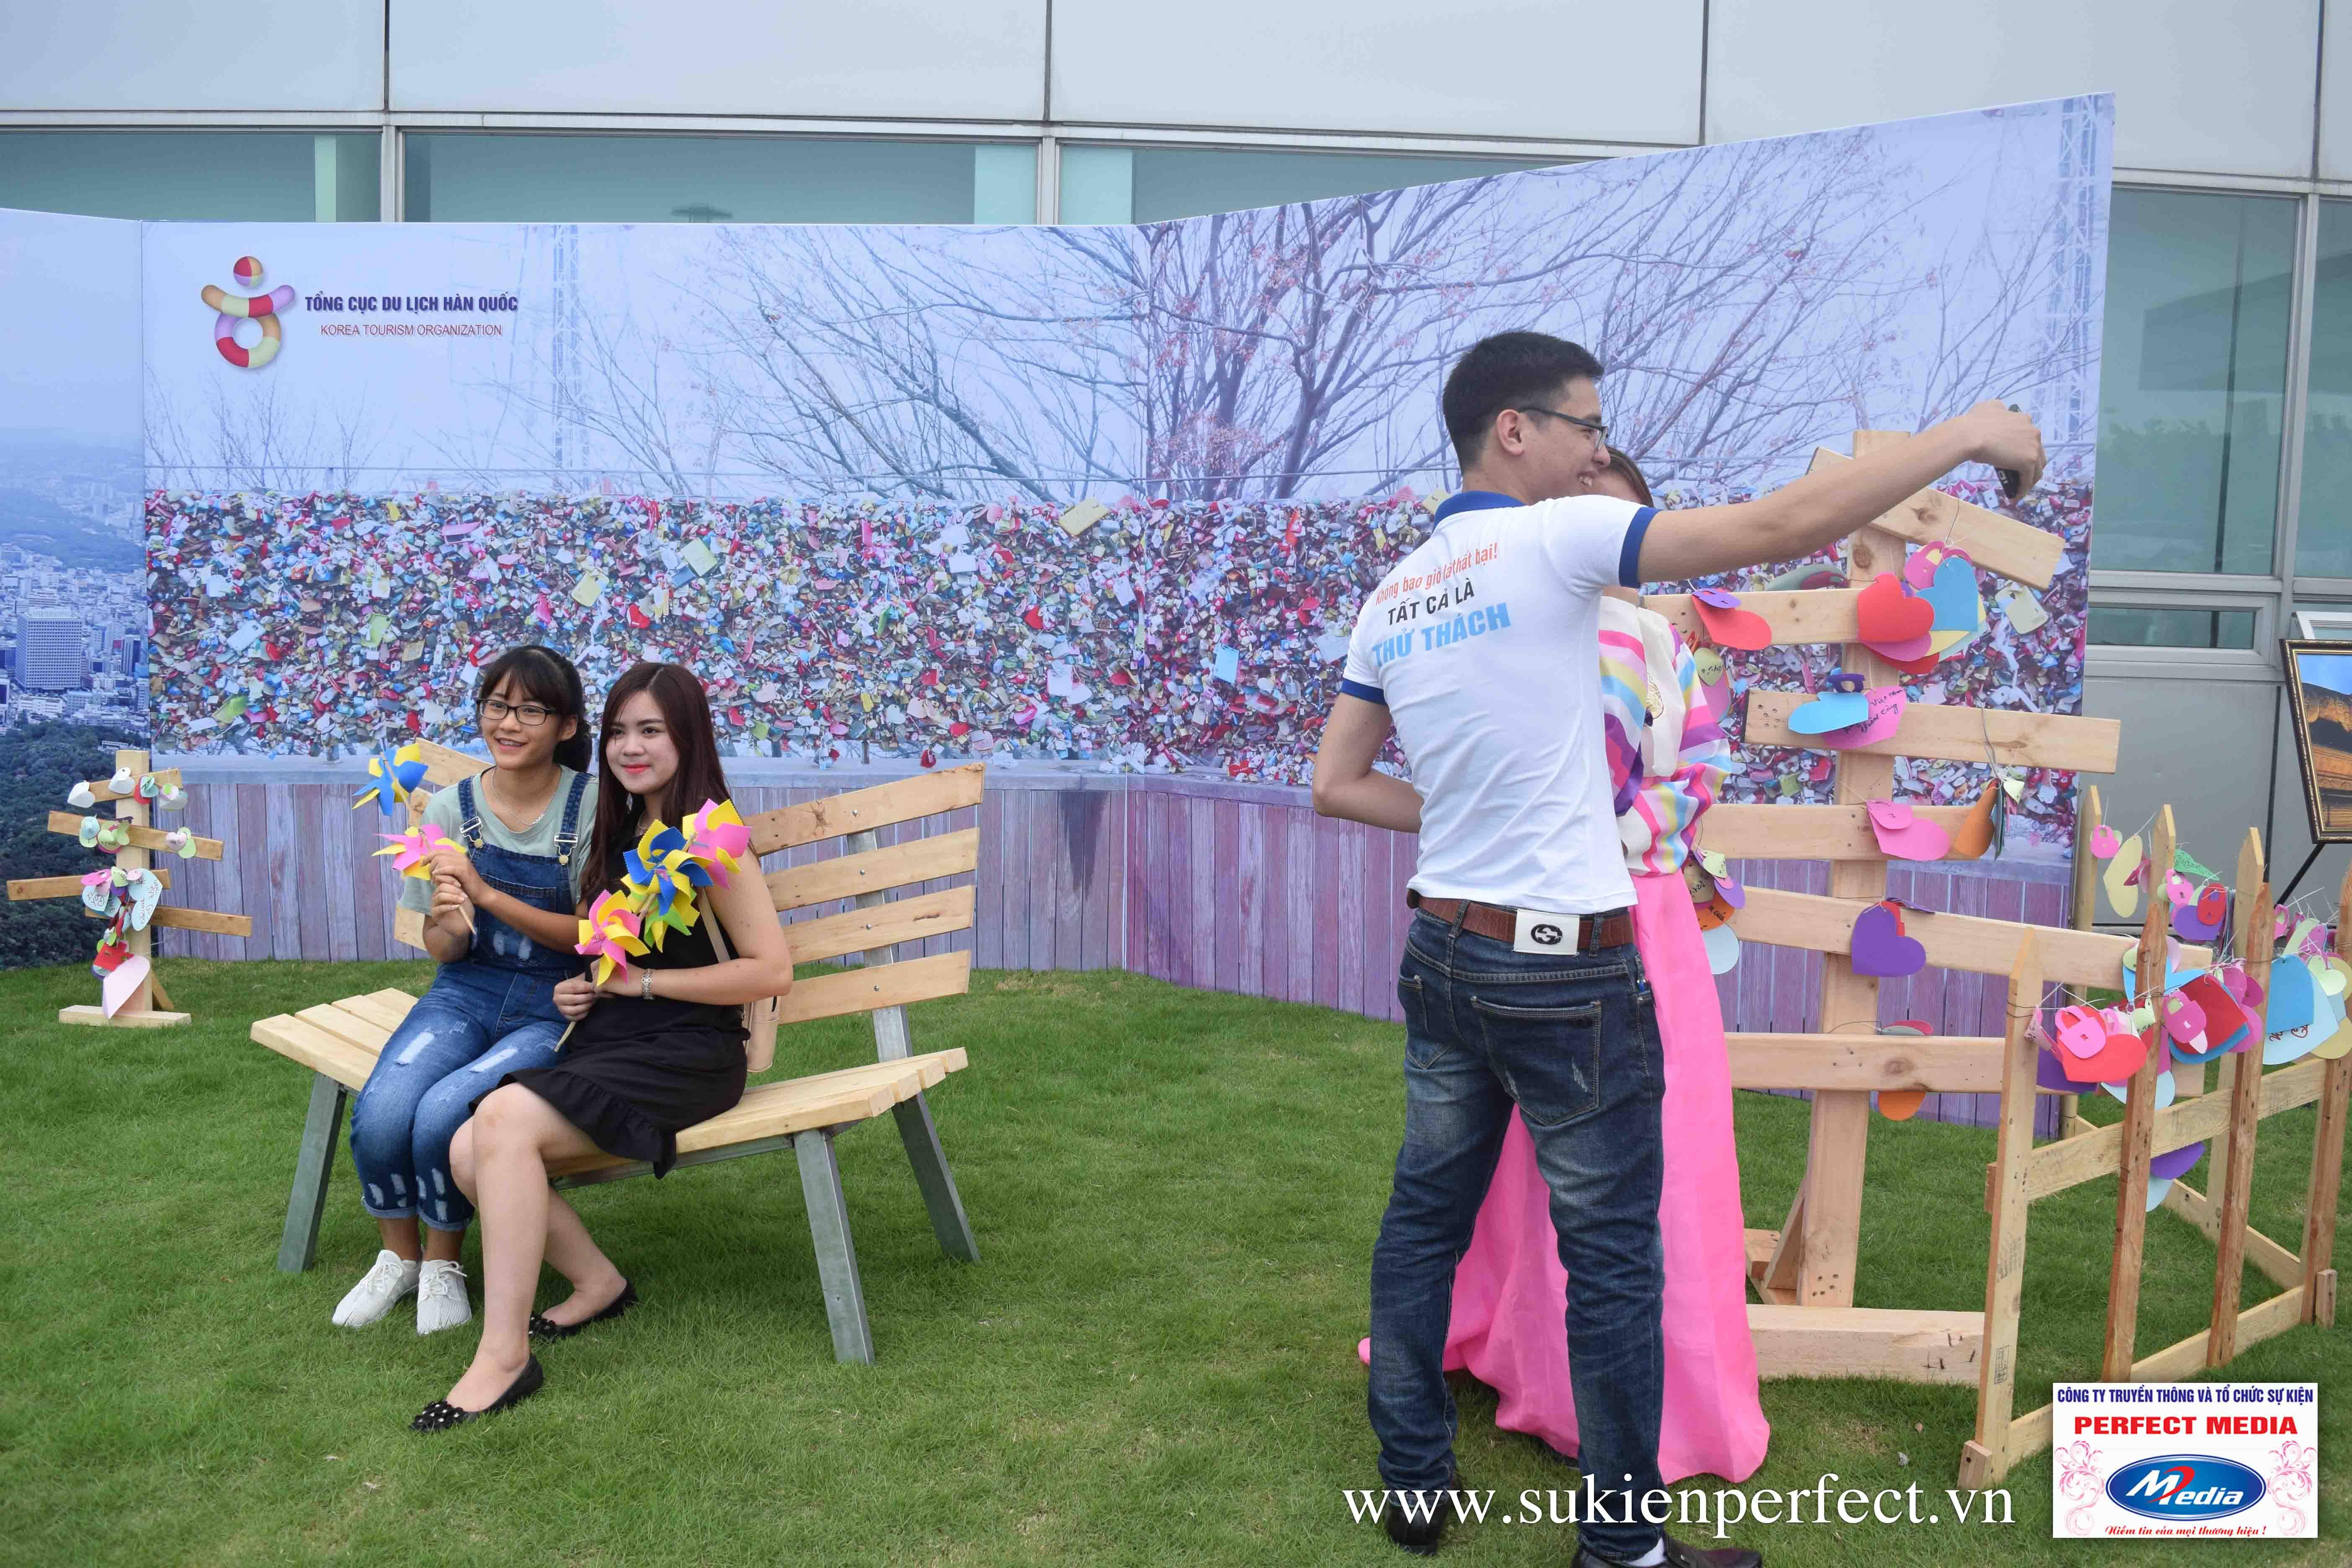 sự kiện Ngày Hội Gia Đình - Festival tại Hải Dương